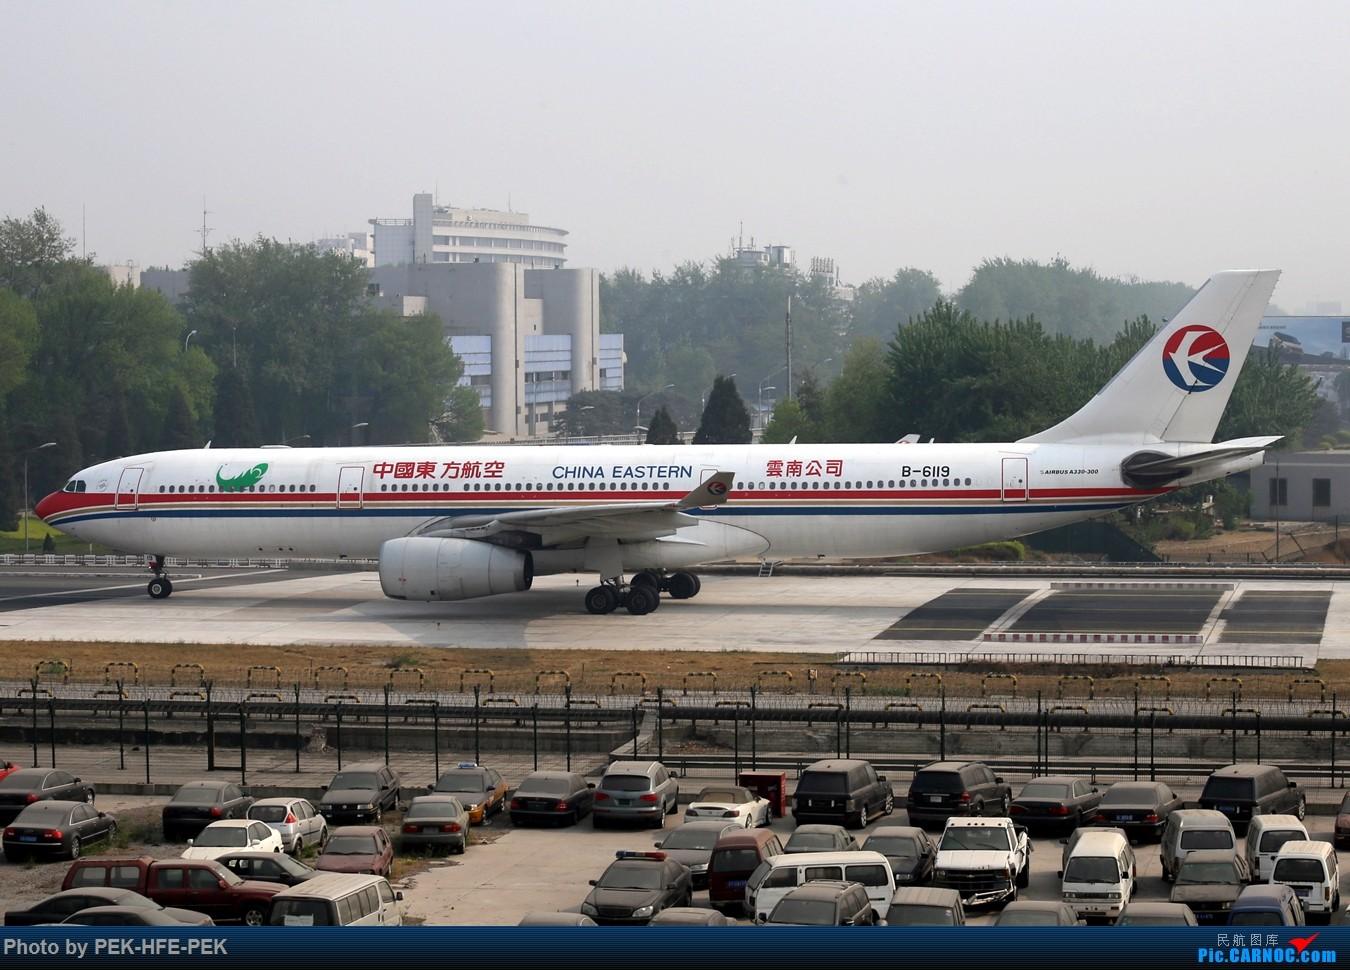 Re:[原创][AutumnKwok]再见东航云南330-300涂装 AIRBUS A330-300 B-6119